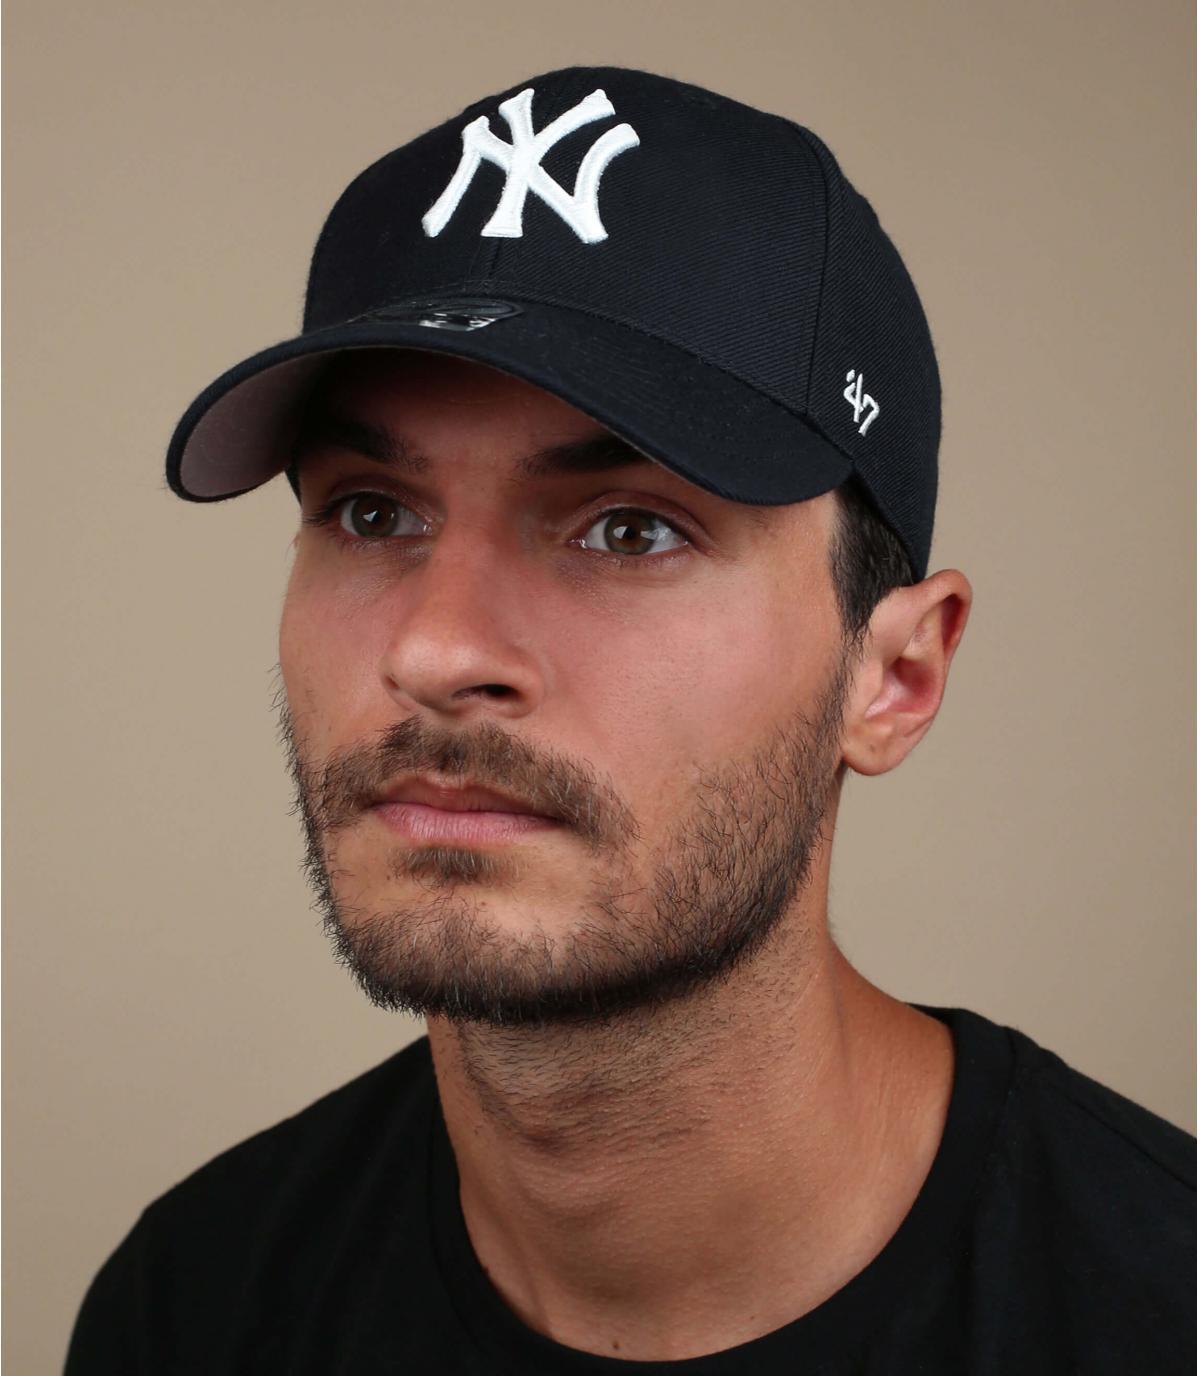 NY marino gorra 47 '